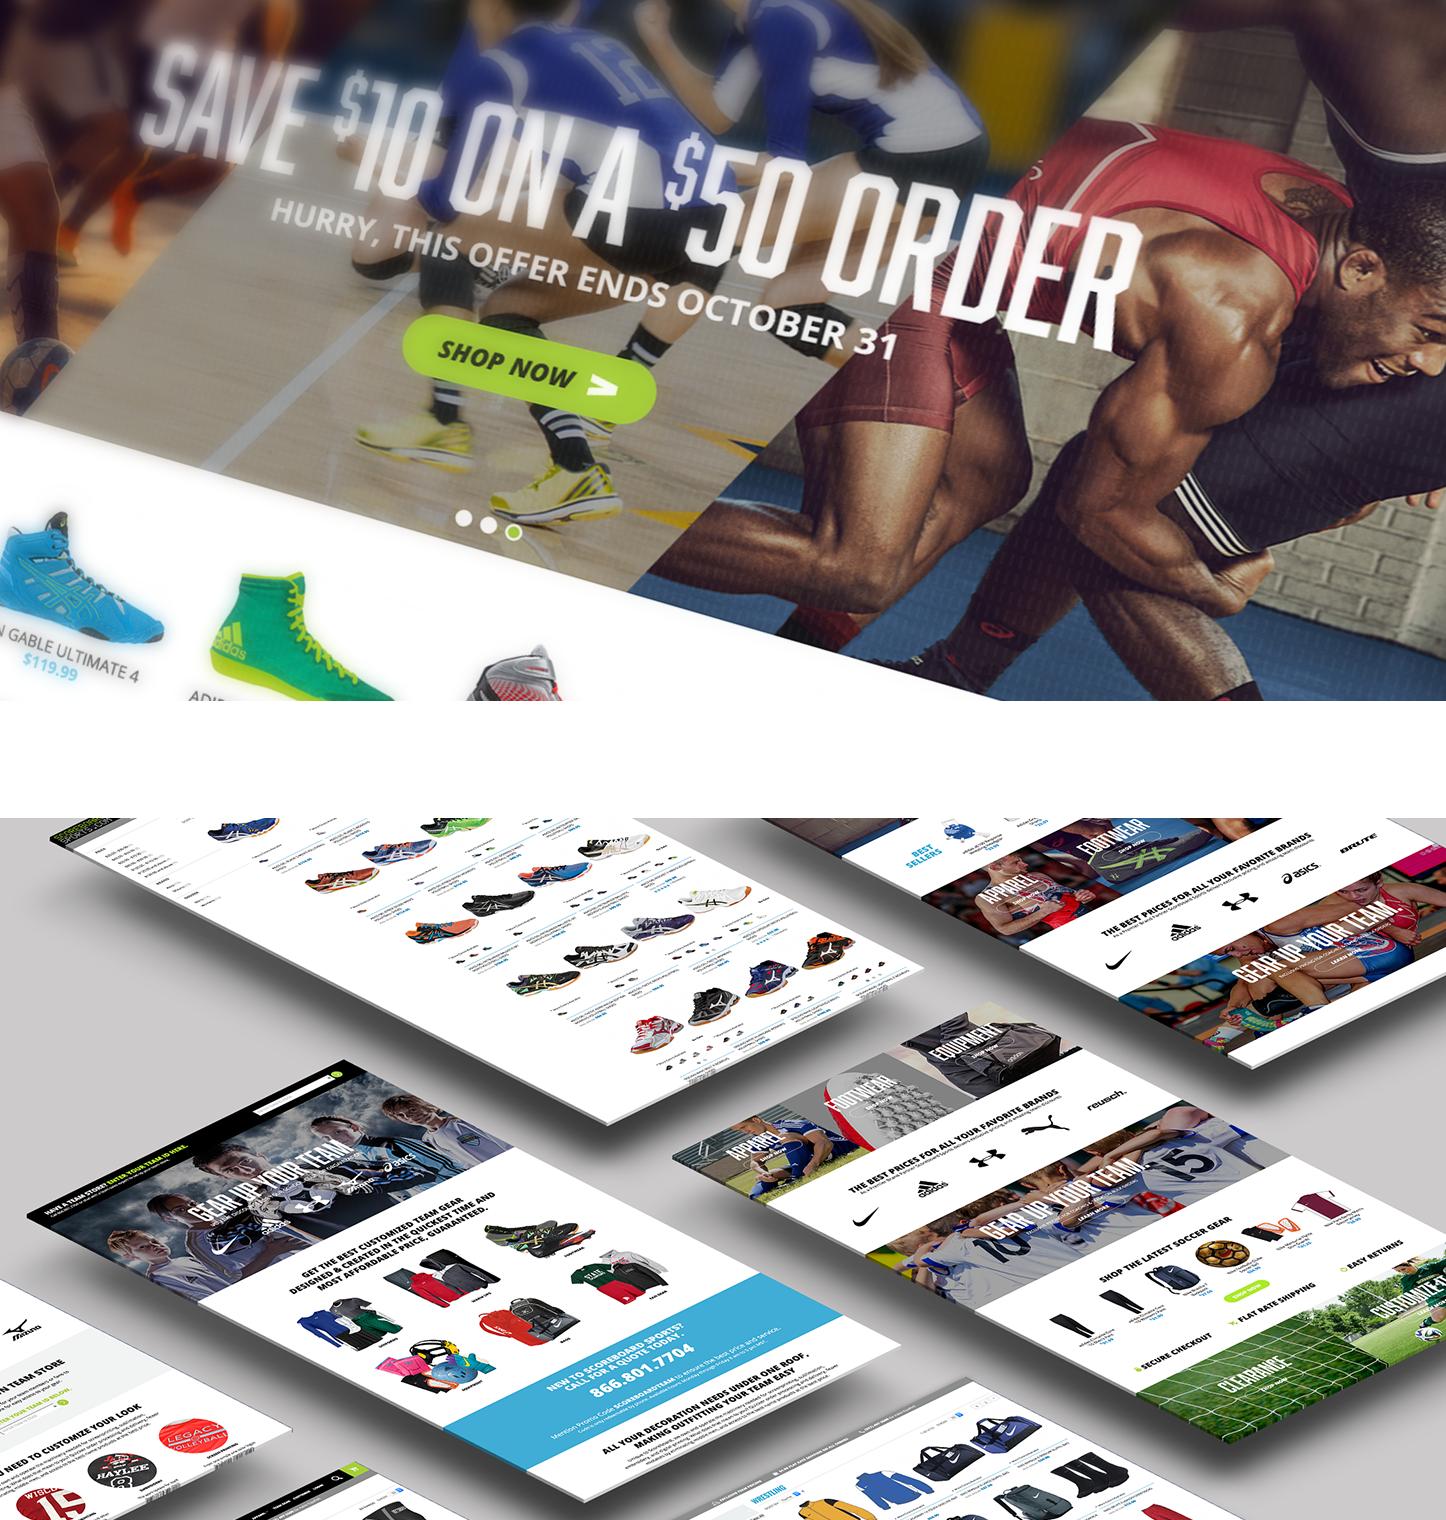 Scoreboard Sports website screenshots